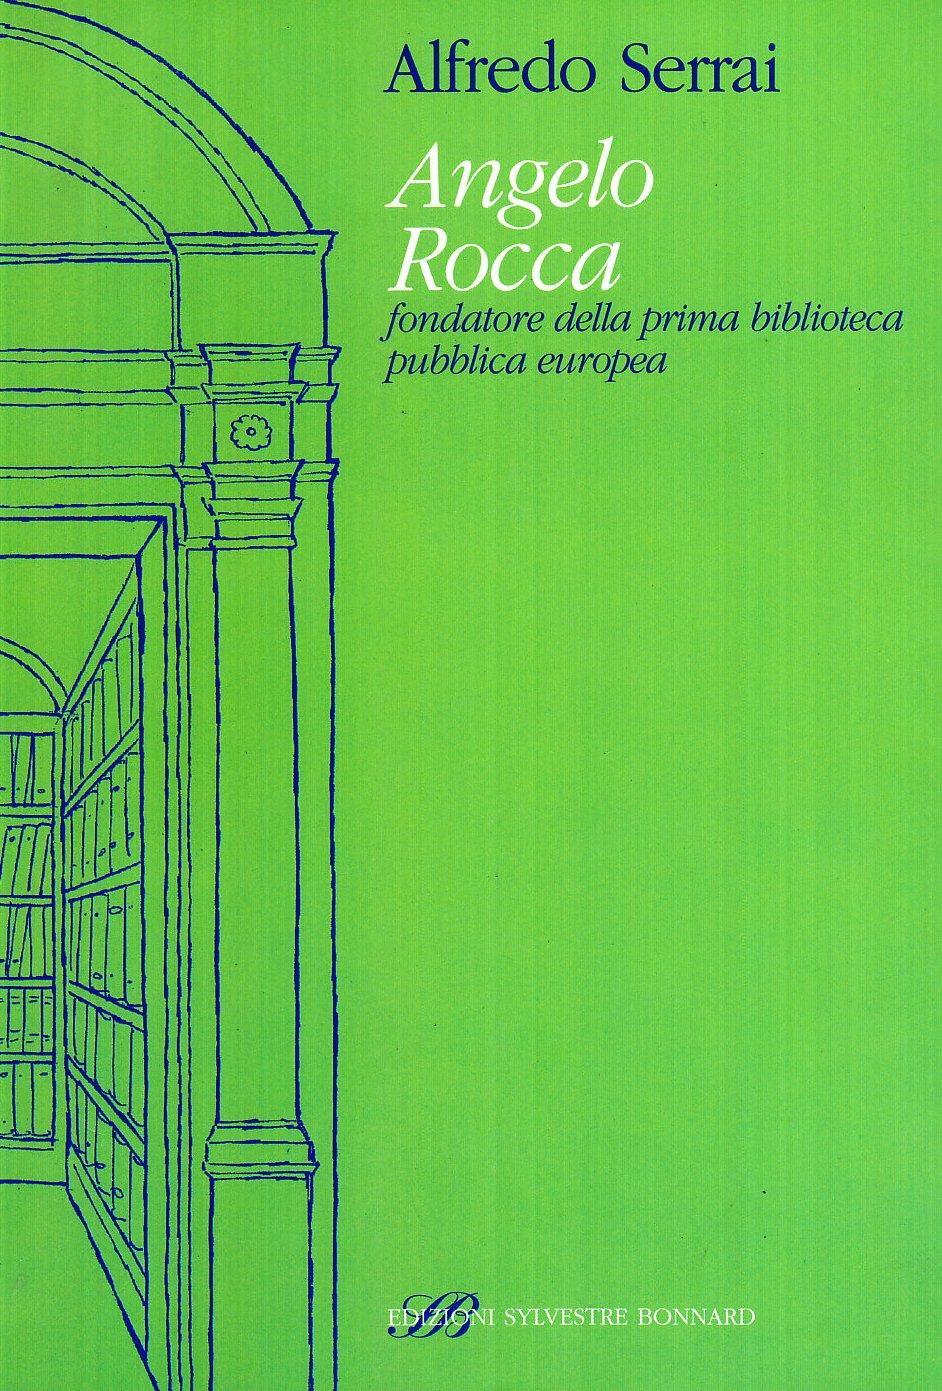 Angelo Rocca fondatore della prima biblioteca pubblica europea Copertina flessibile – 1 mar 2005 Alfredo Serrai Sylvestre Bonnard 8886842953